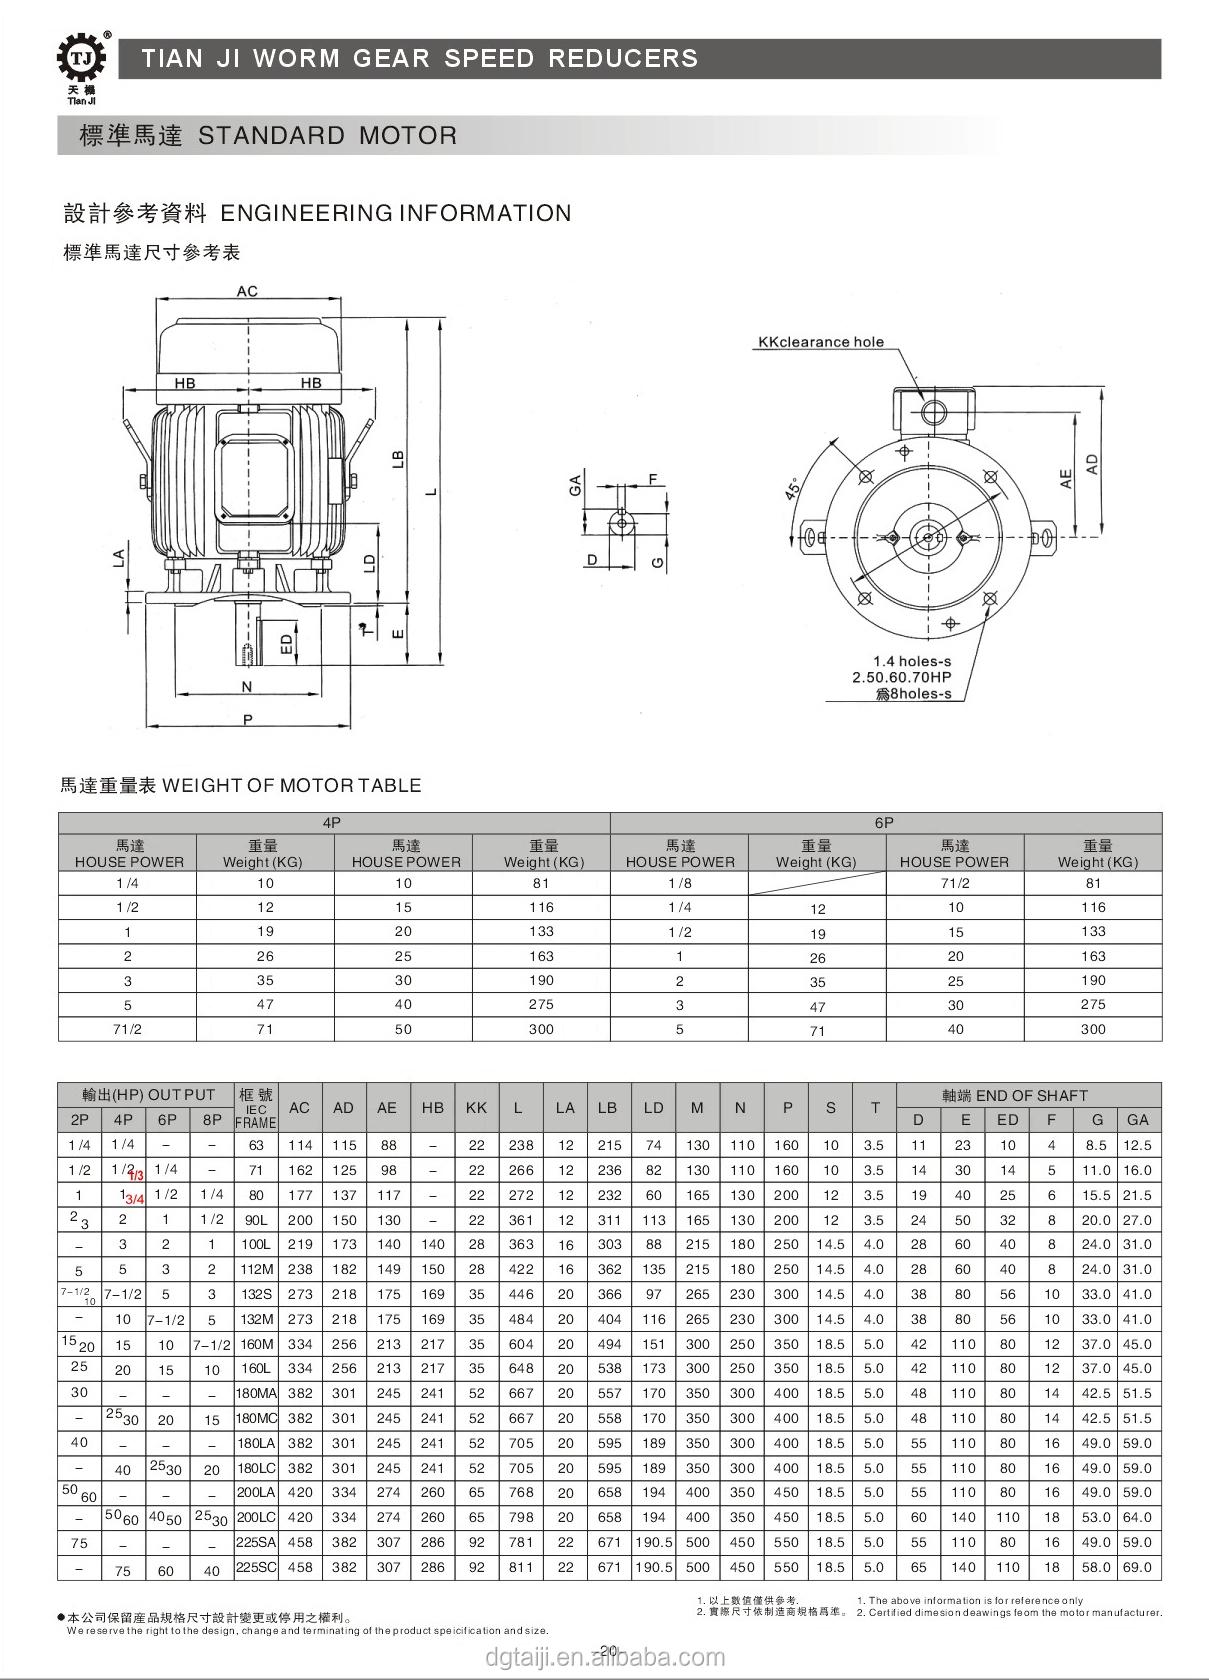 الصينية مصنع مباشرة تنتج الميكانيكية سرعة مغير